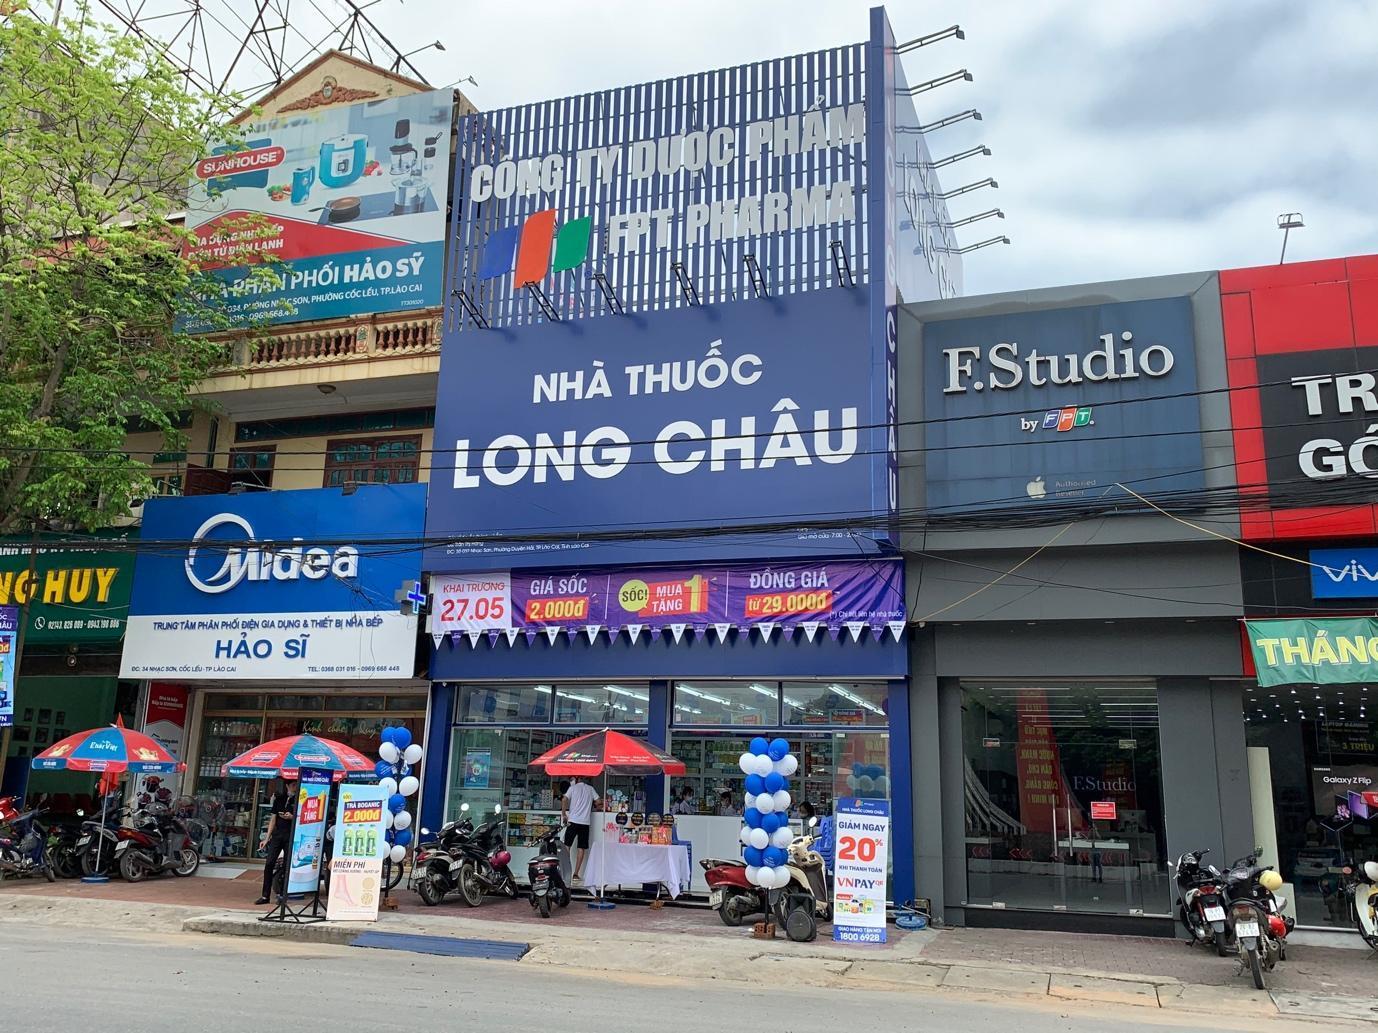 Hệ thống nhà thuốc FPT Long Châu bứt phá mở thêm 100 nhà thuốc trong vòng 6 tháng - Ảnh 3.